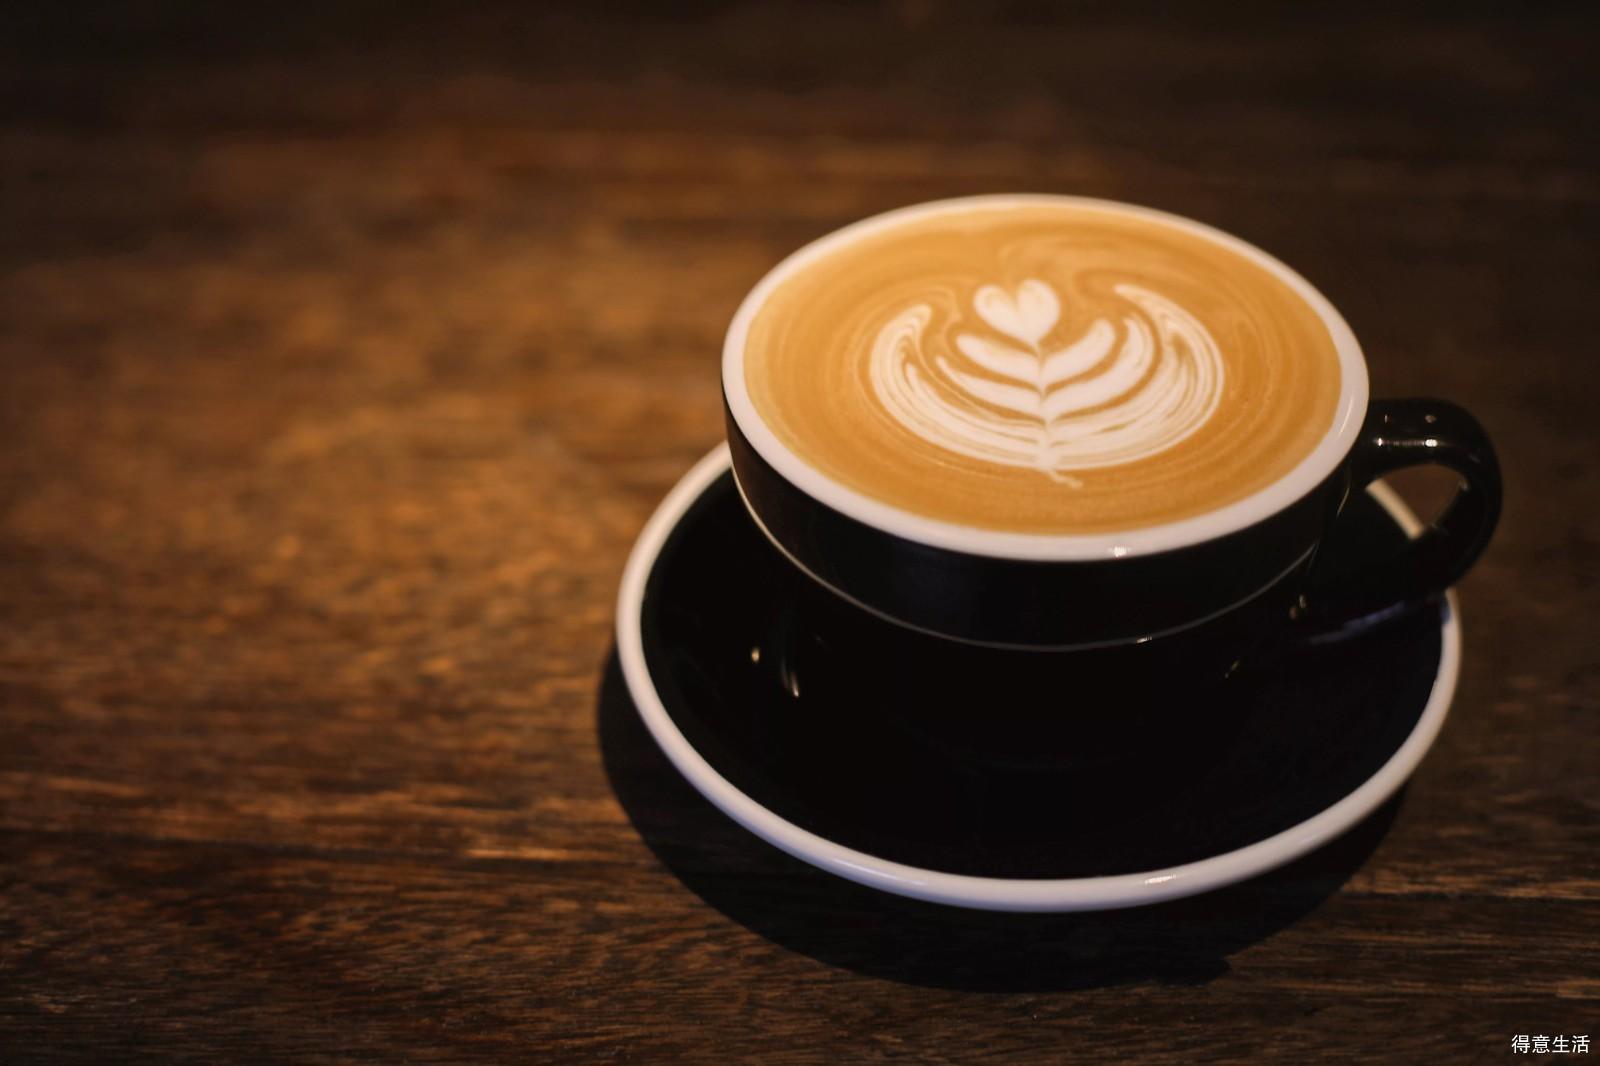 【内附福利】走遍武汉,找到咖啡爱好者不得不去的8家店!